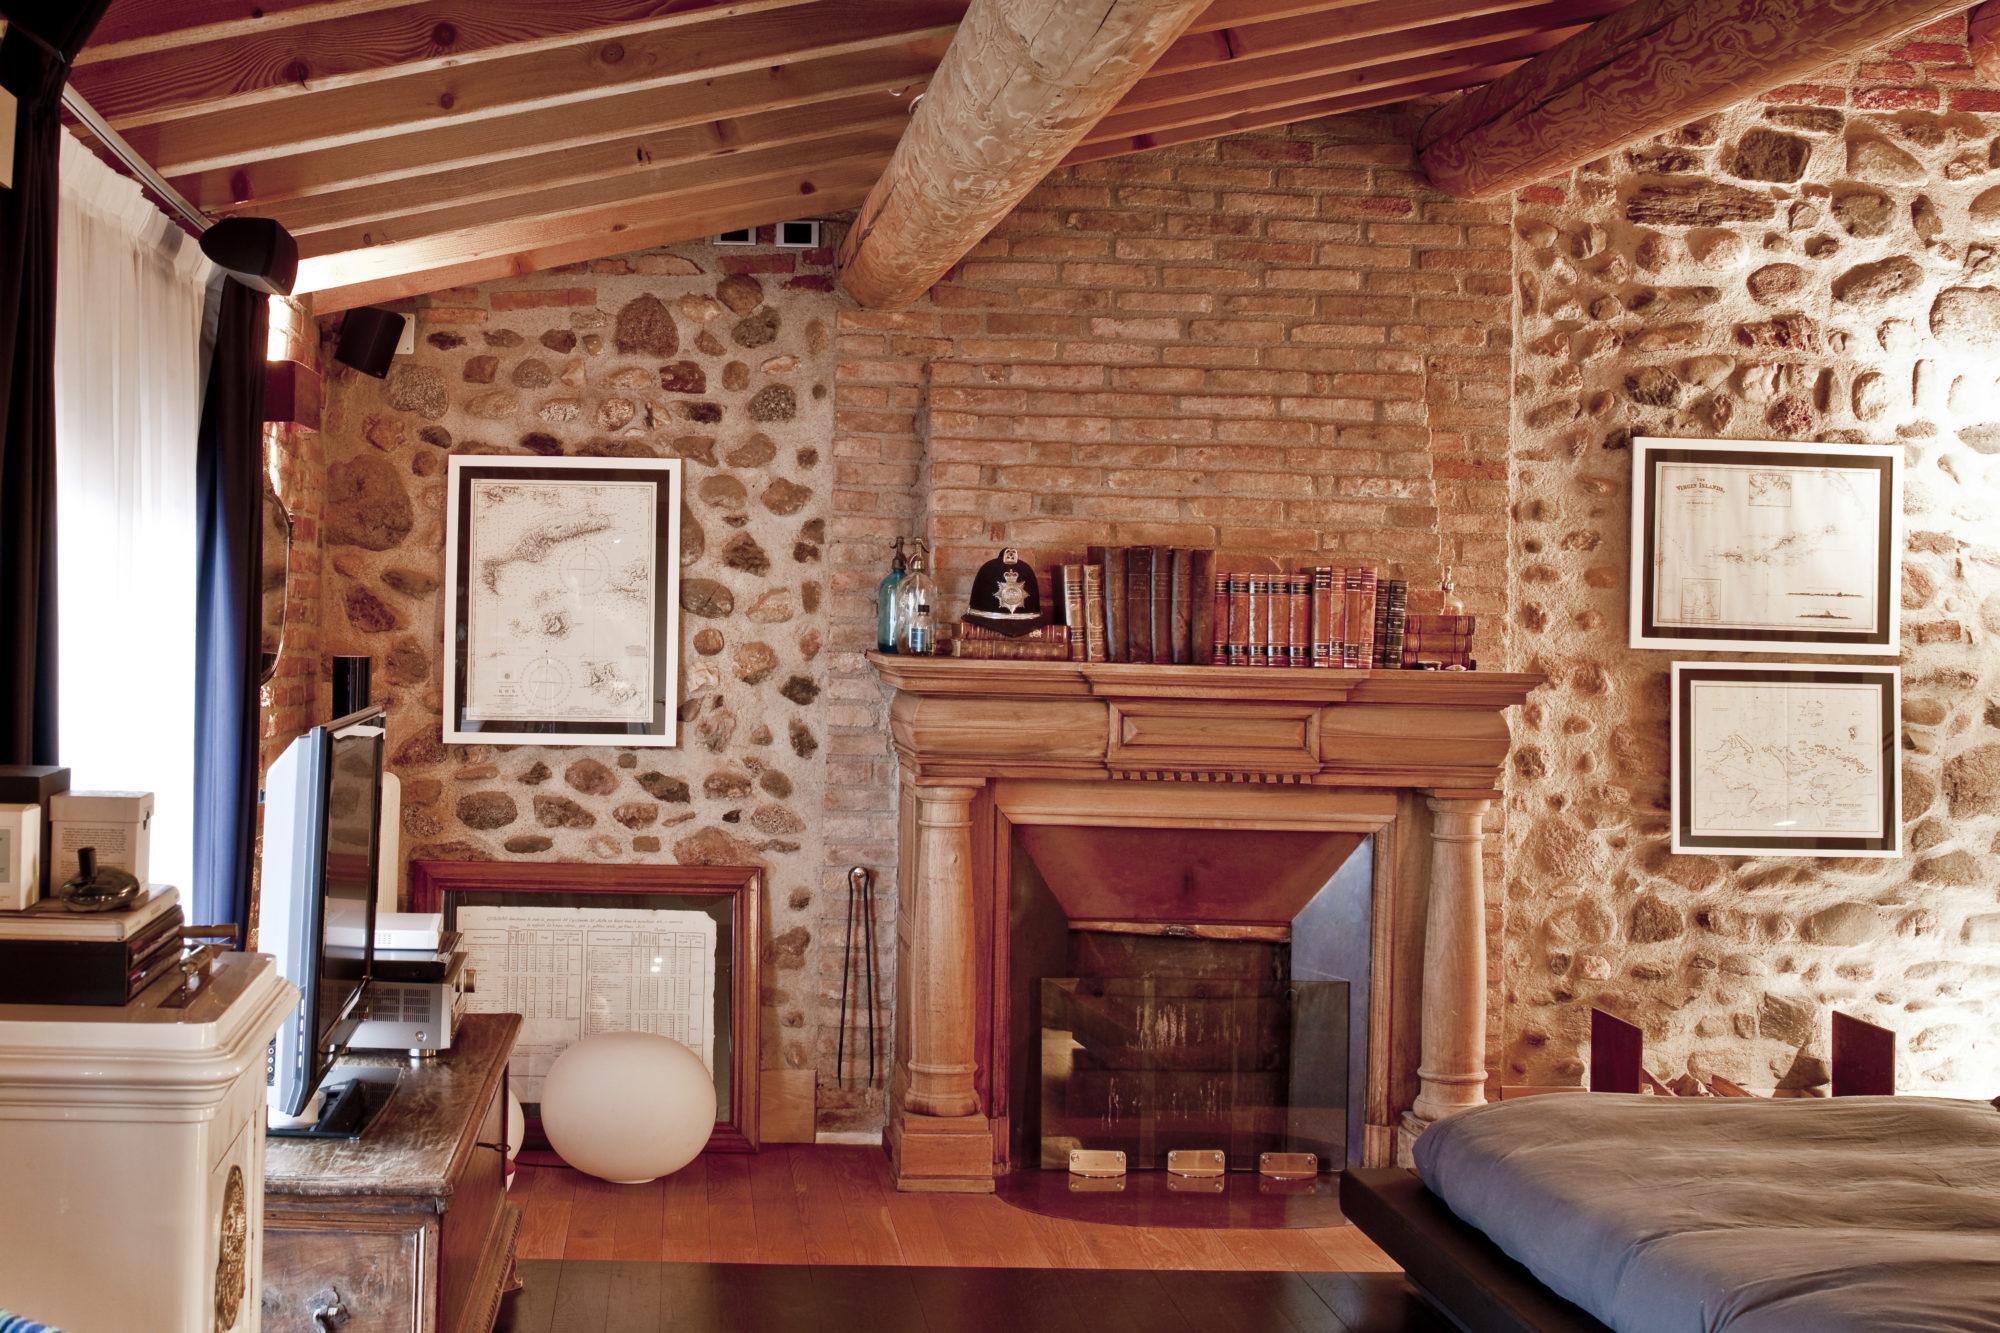 Case Di Campagna Interni : Casa di campagna interno fotografo brescia ottavio tomasini